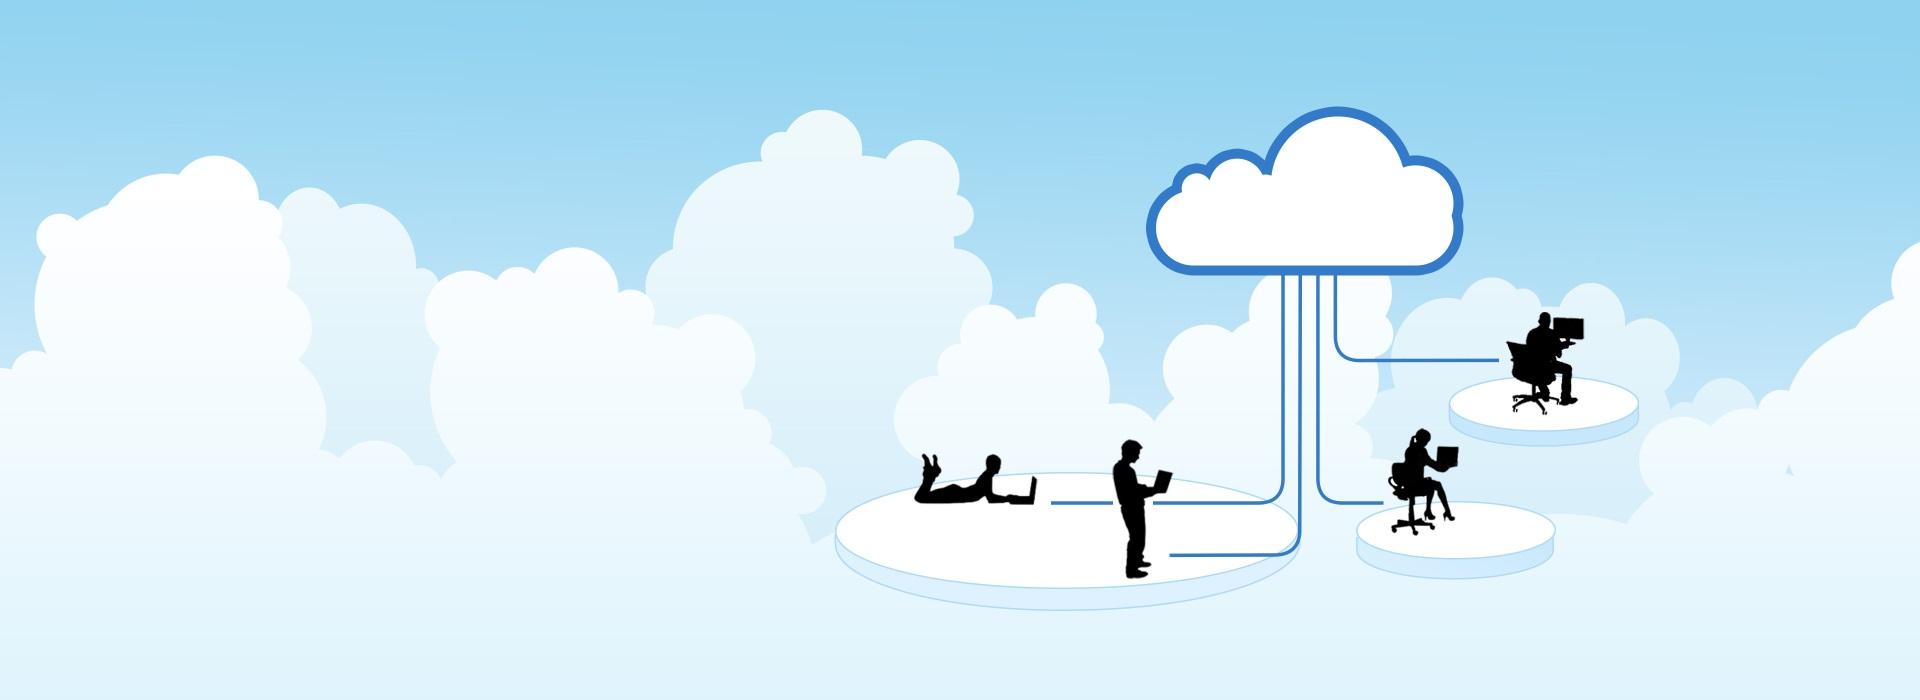 DaS Desktop como servicio